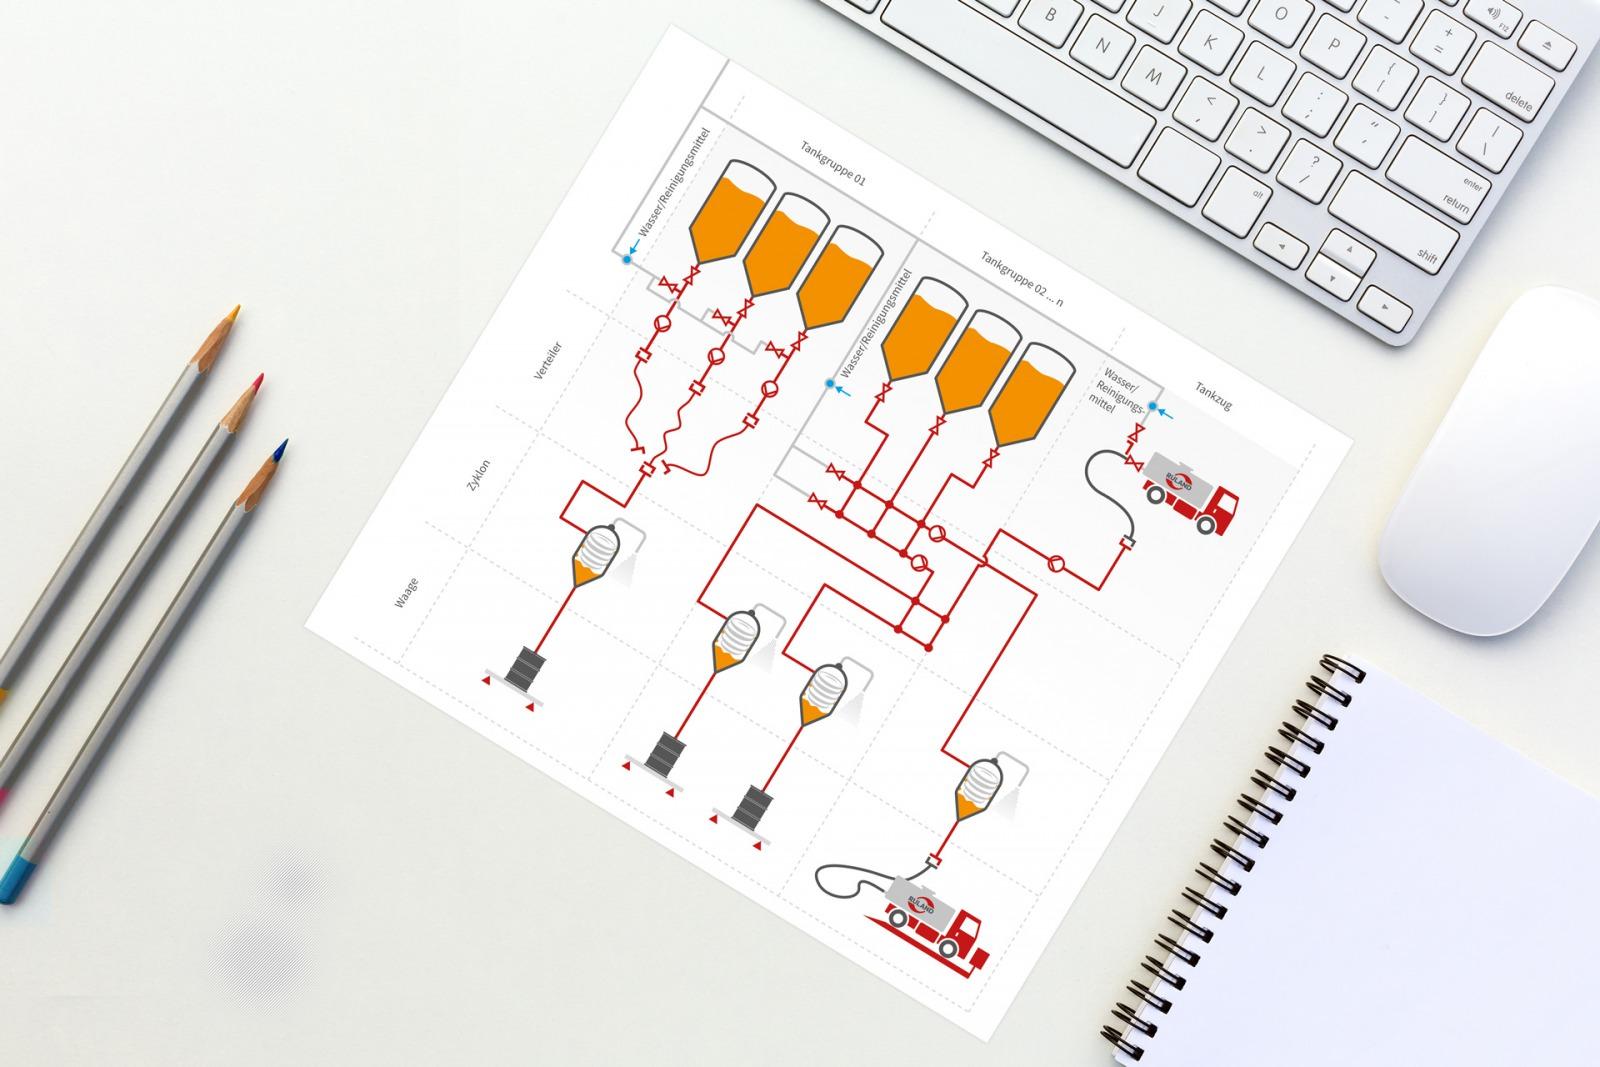 Zeichnung System zur Ausbeute optimieren